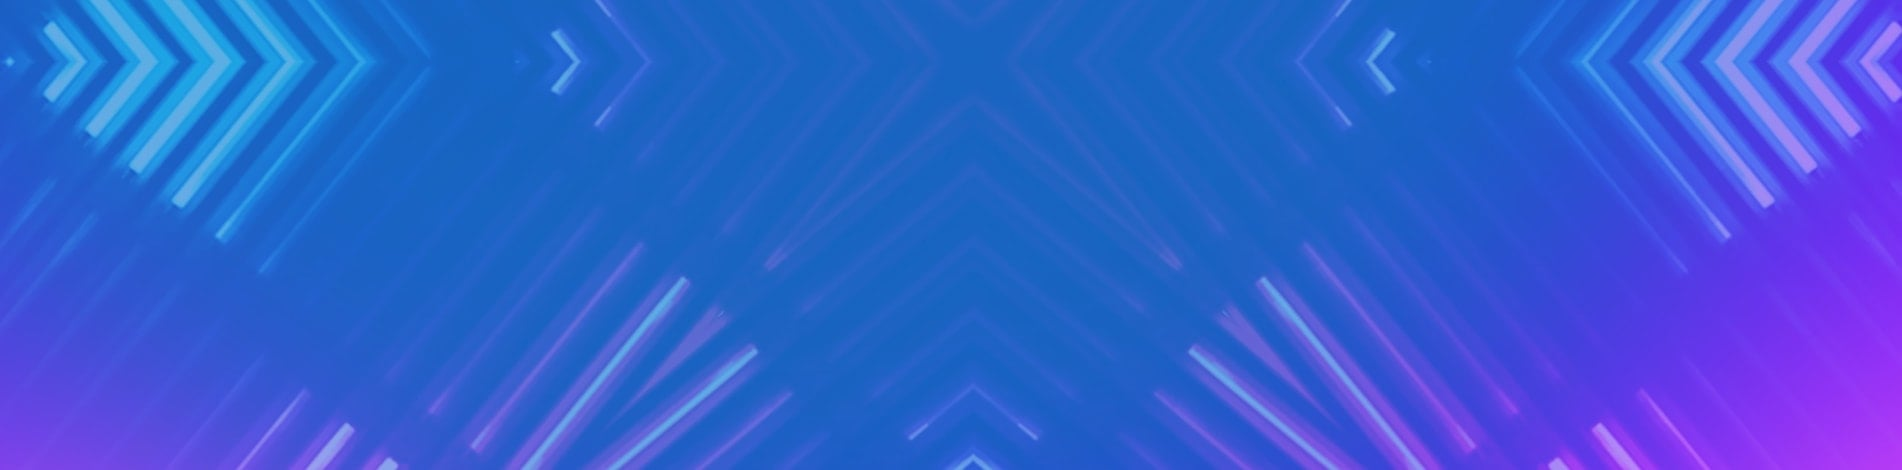 רקע באנר פורים כחול